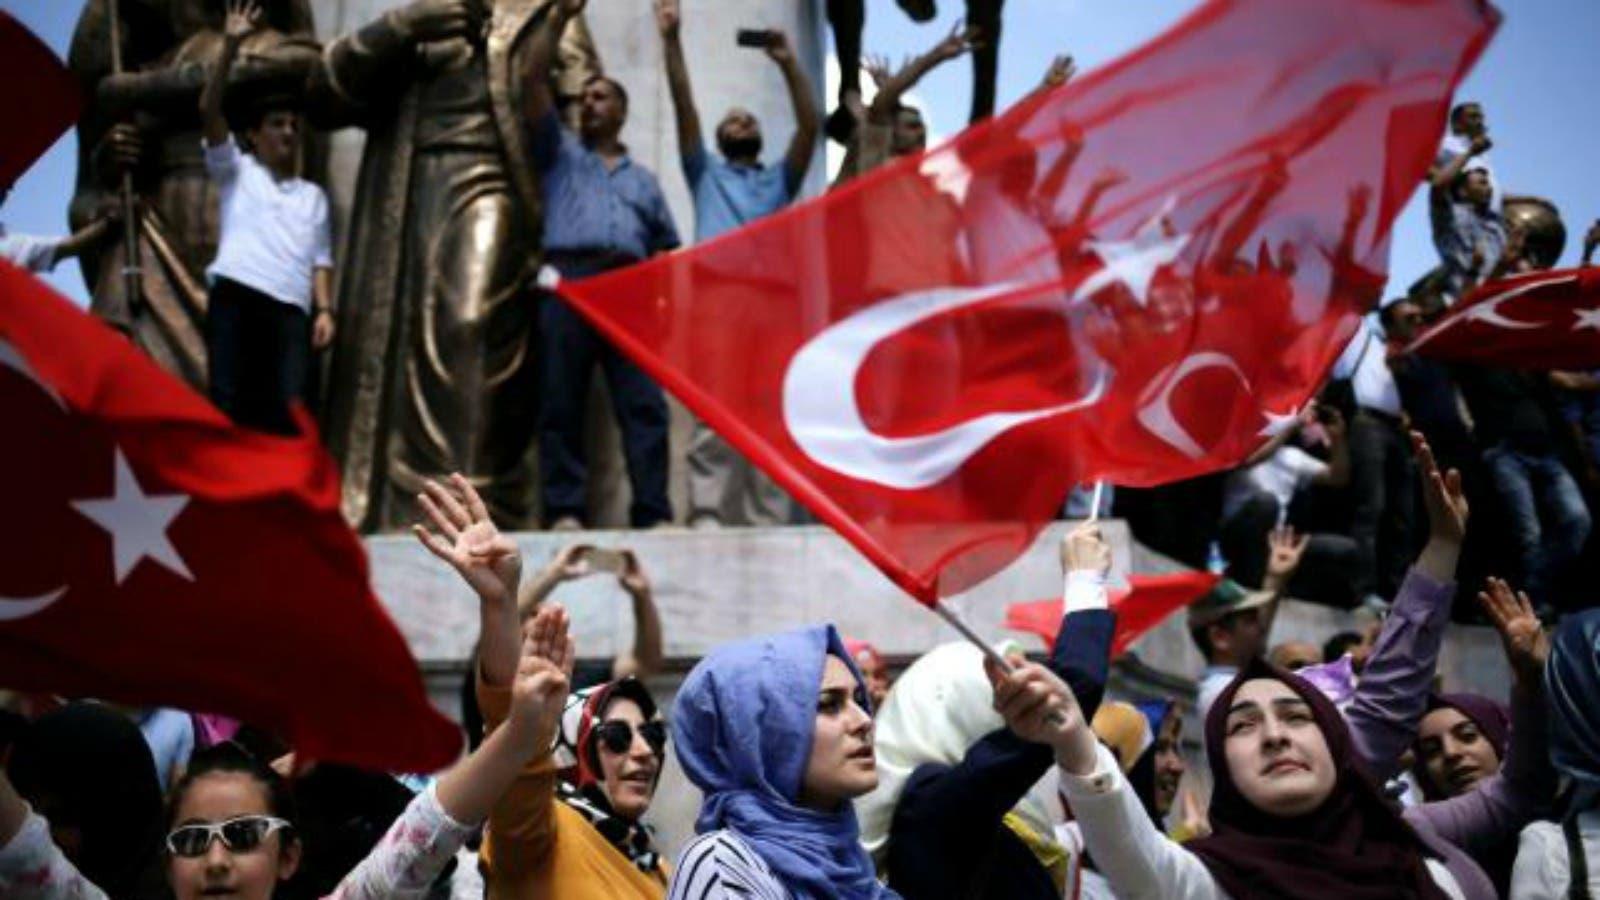 تحرش شرطي تركي بمتظاهرة  مُحجبة  يشغل غضب الأتراك (صور)   البوابة